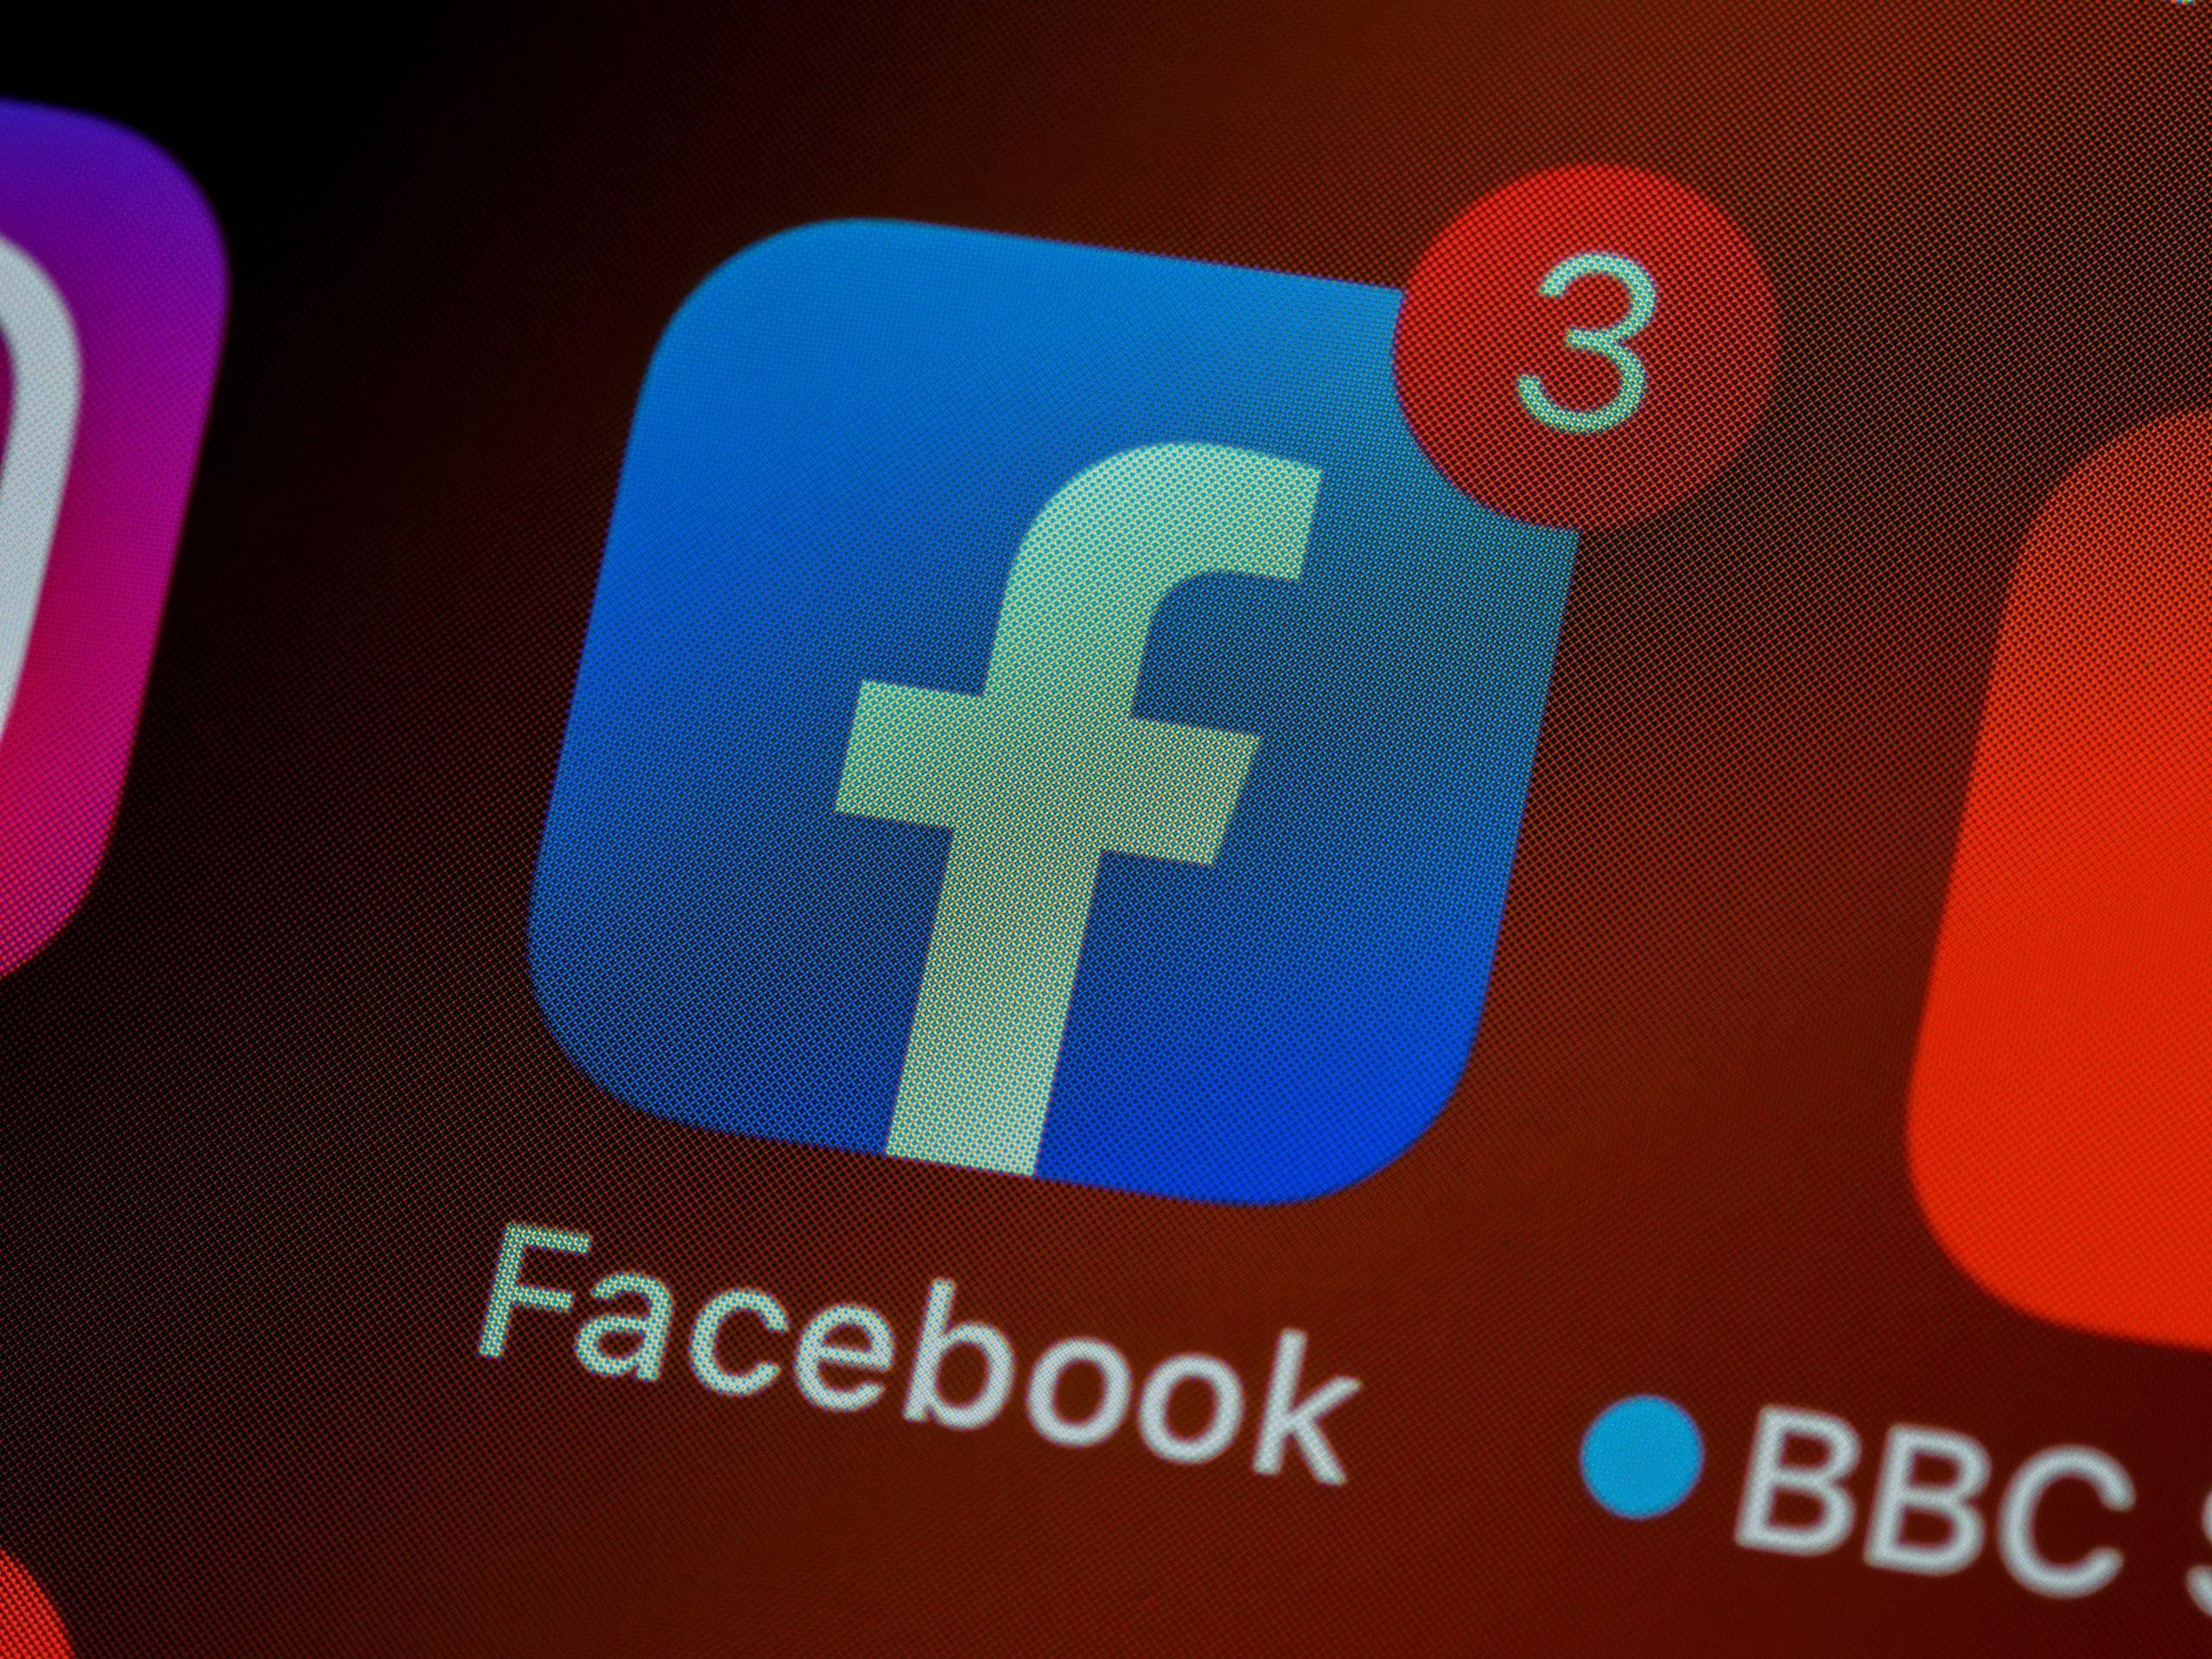 Facebook quiere brindar mayor y mejor conectividad mediante cables submarinos